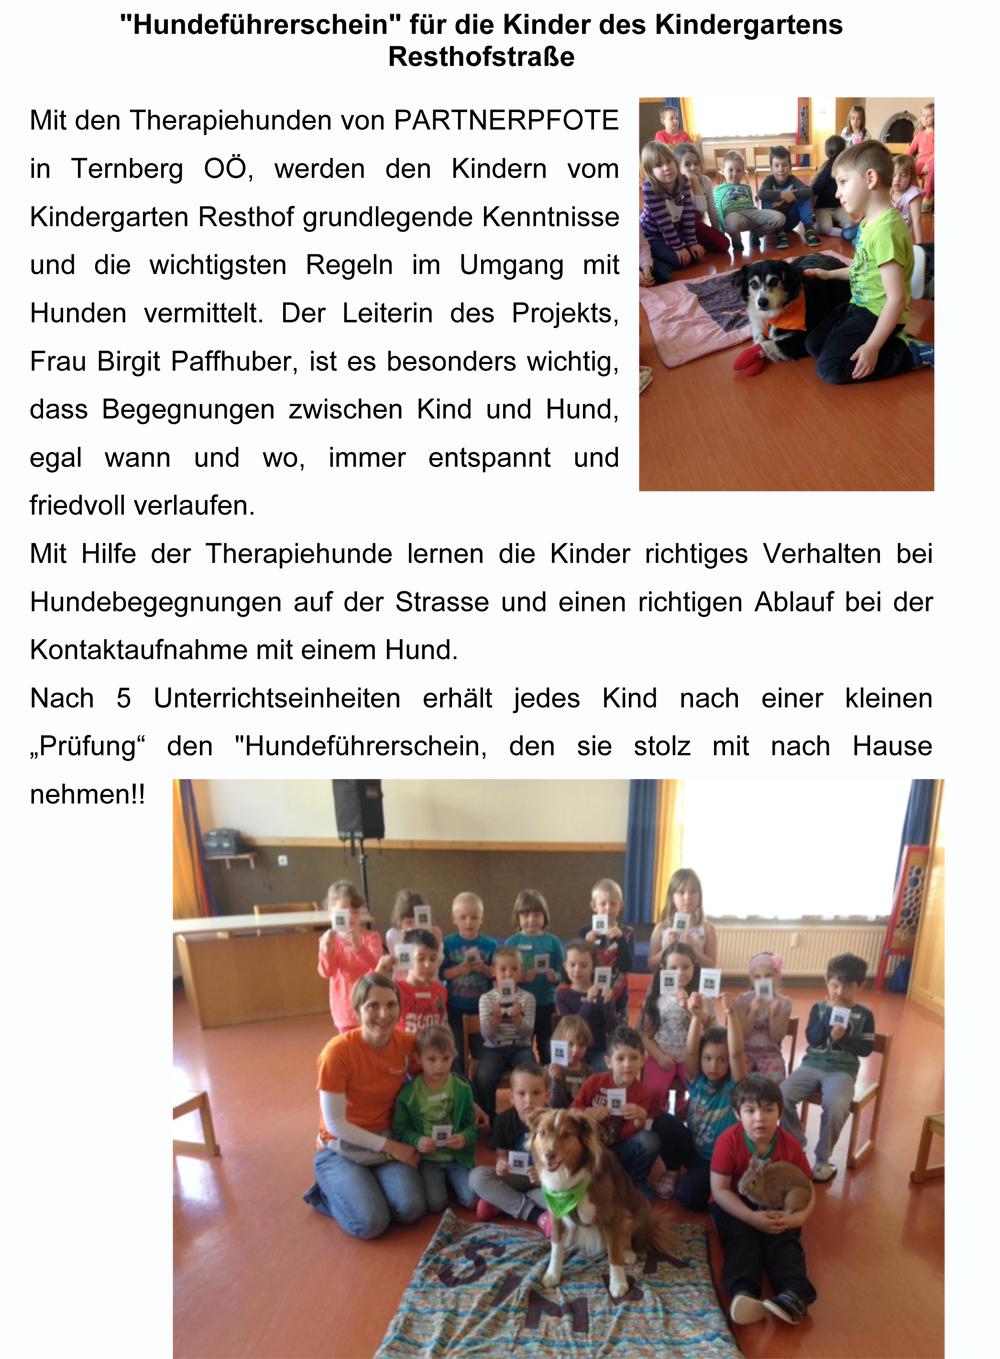 Hundeführerschein für Kindergarten Resthof Kopie